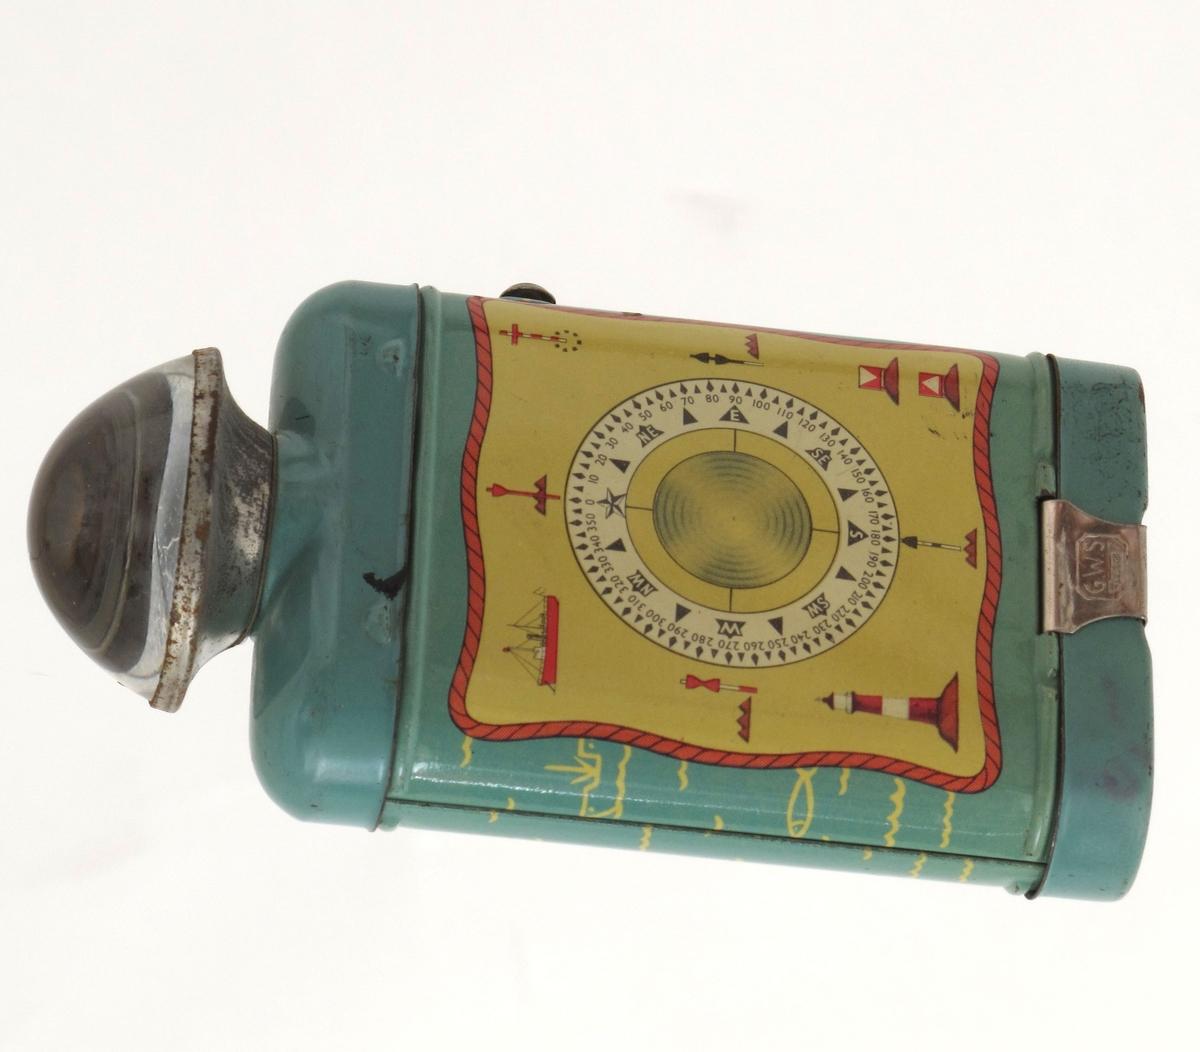 Lommelykt for ett flatt batteri. Glass med linse som sprer lyset.  Lys grønn farge. Dekorert med morsealfabet på ene side, kompassrose, skip, fyrlykt mm på den andre.